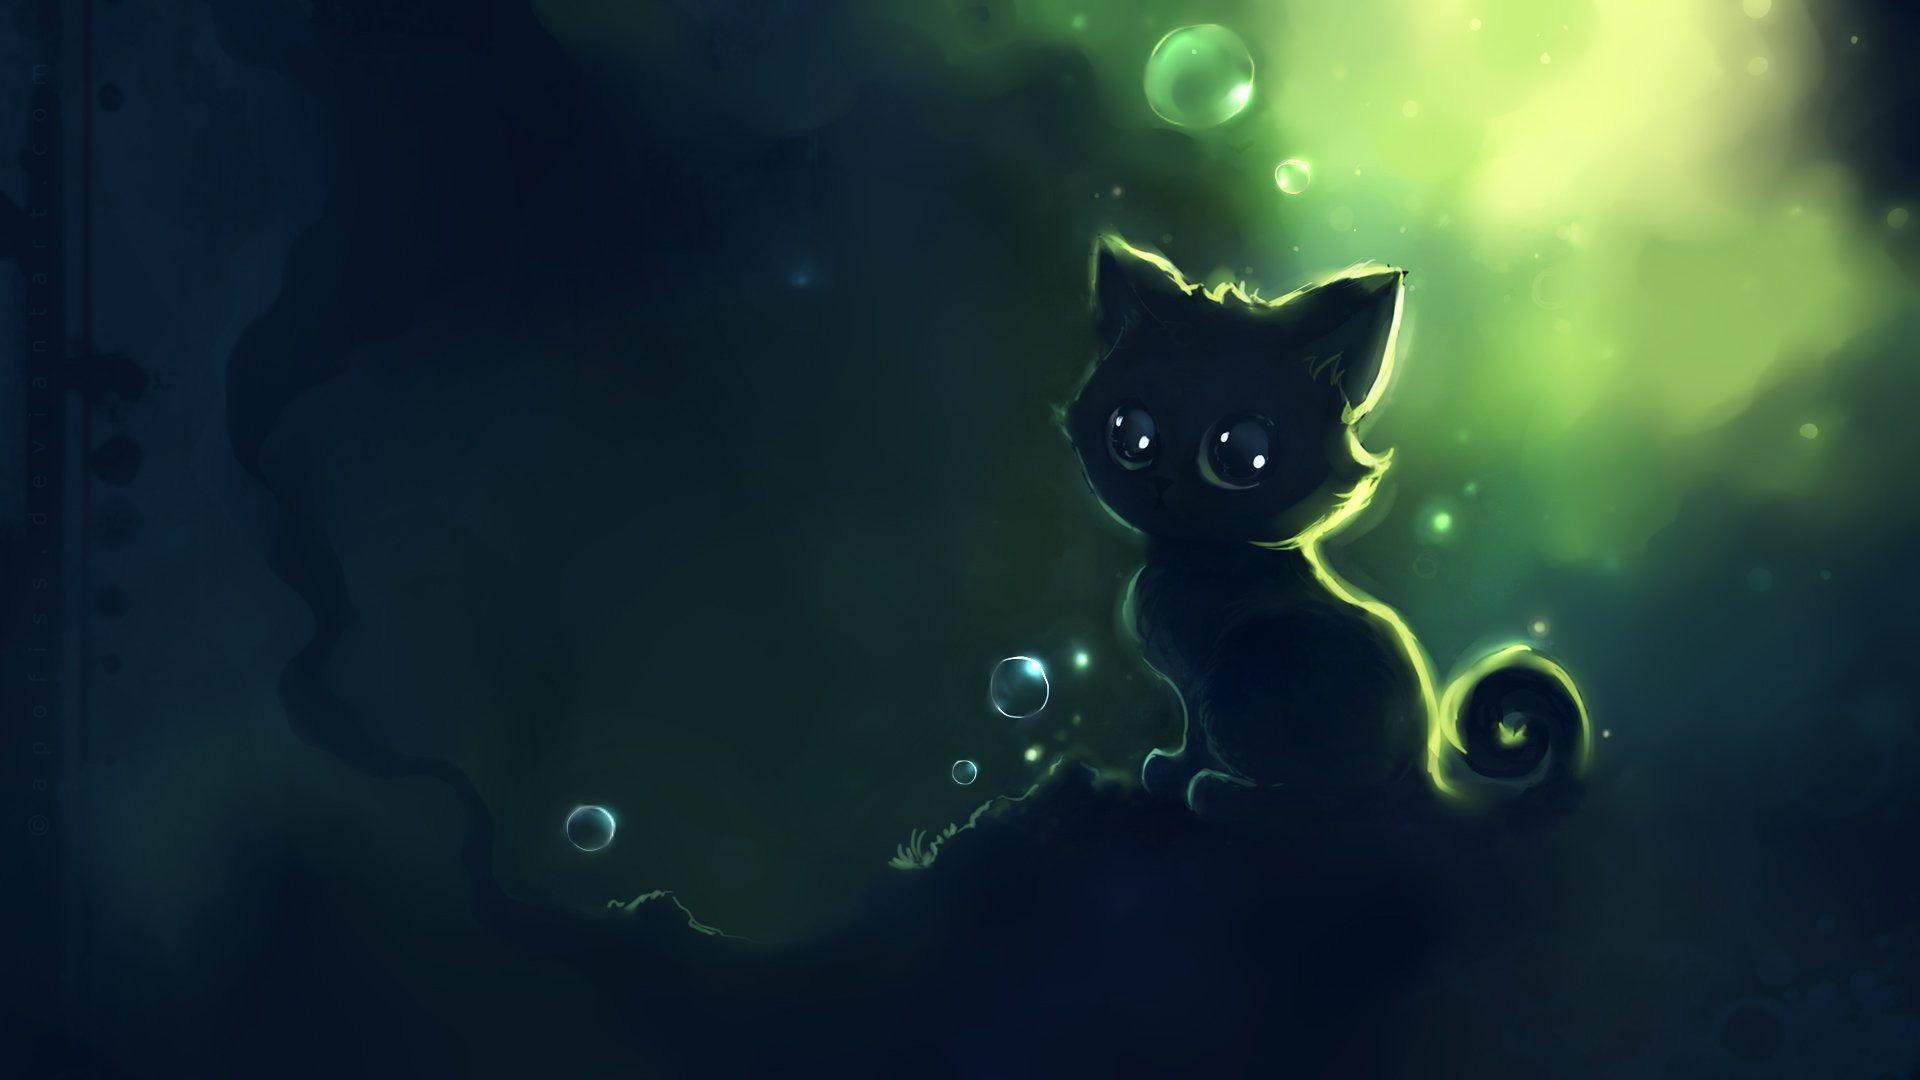 Apofiss小さな黒い猫の壁紙の水彩イラスト 7 1920x1080 猫 アニメ